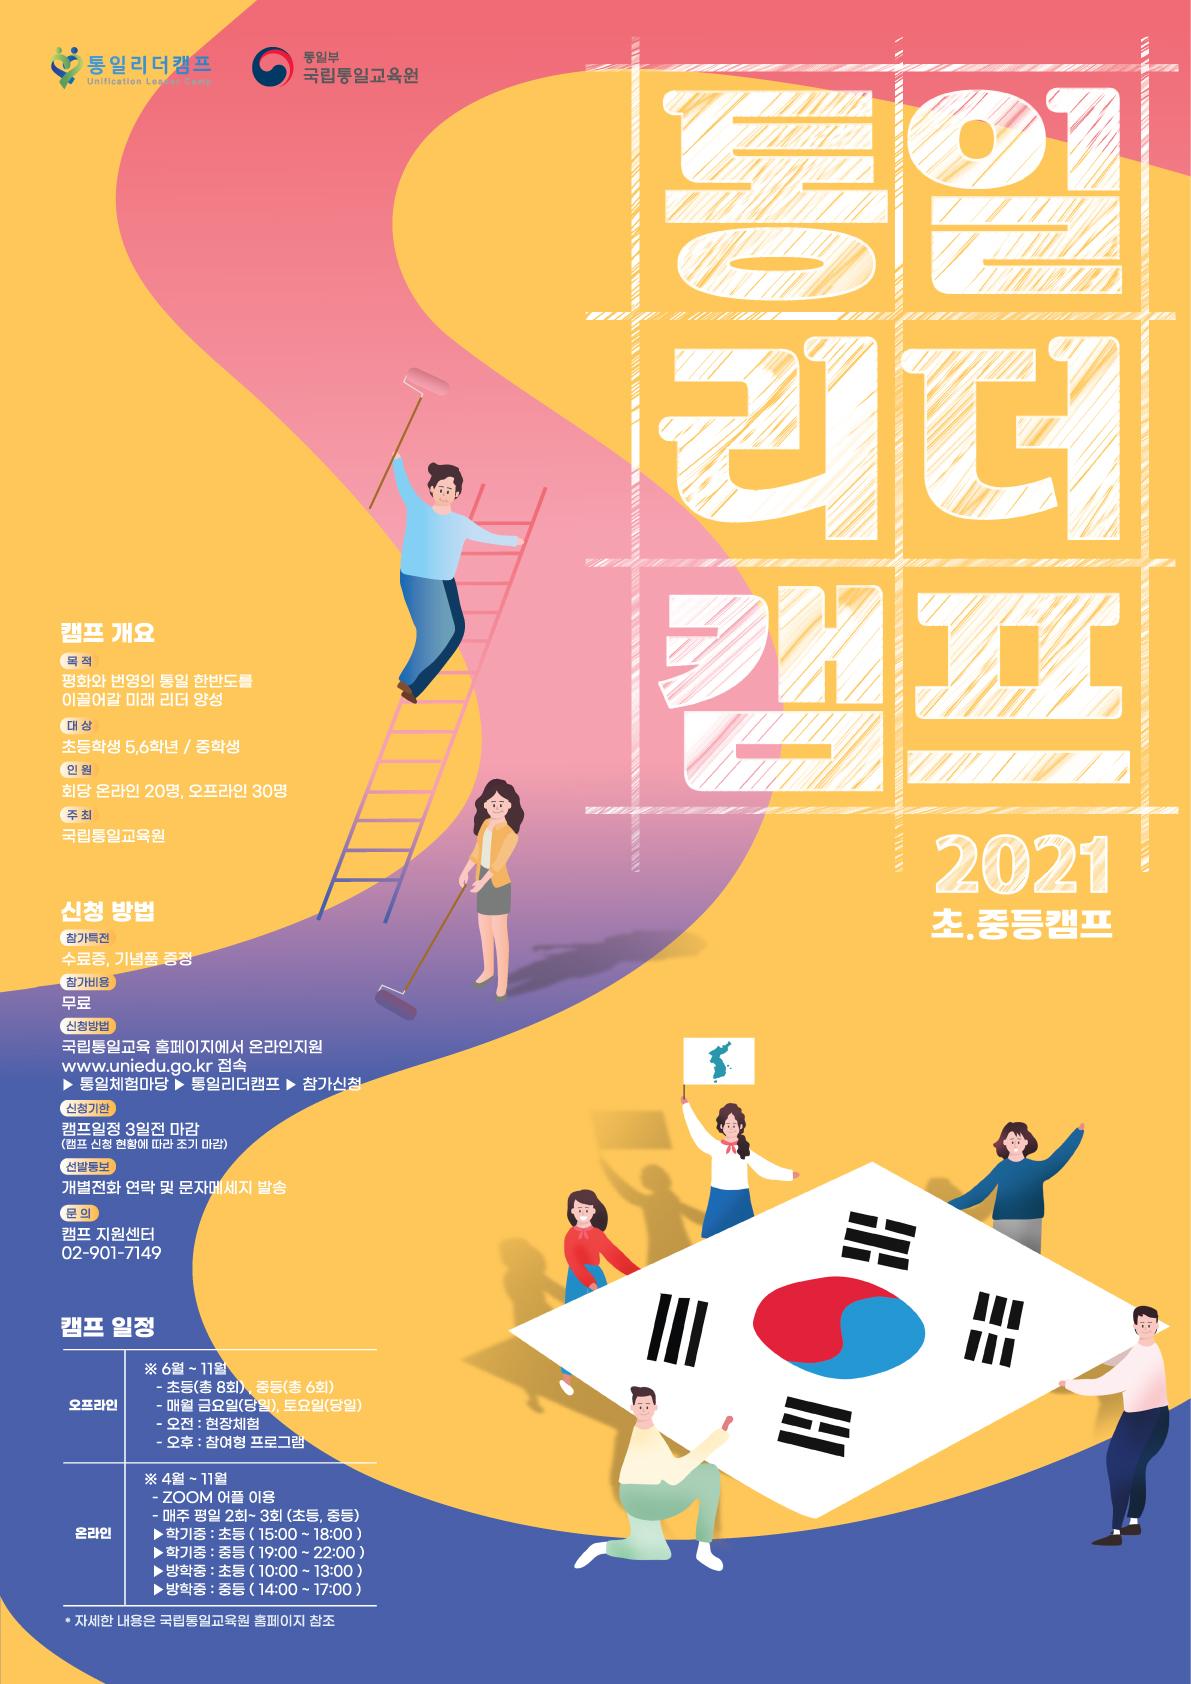 [일반] 2021학년도 국립통일교육원 통일리더 캠프 참가모집 안내의 첨부이미지 2